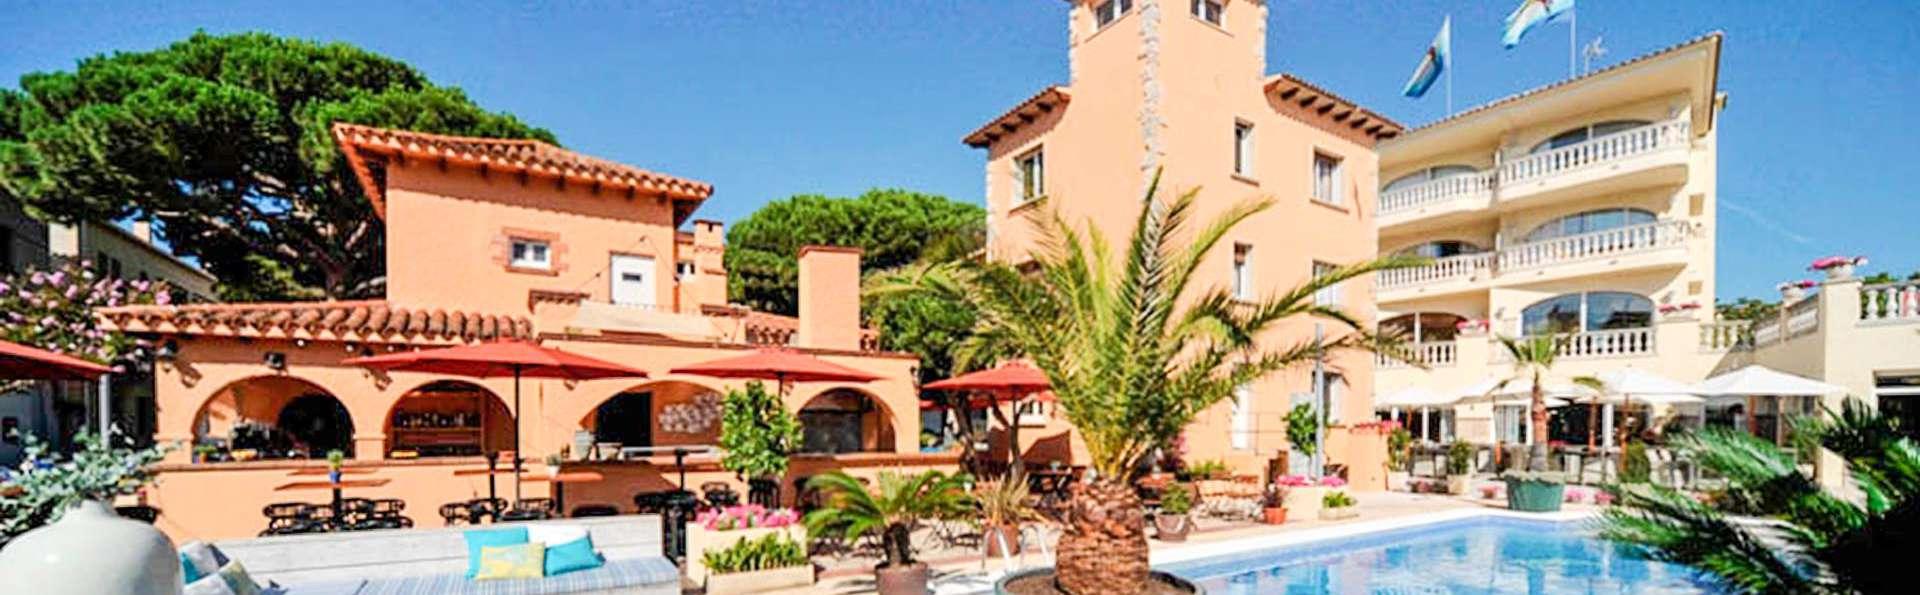 Van der Valk Hotel Barcarola - EDIT_pequena_para_firma_01.jpg